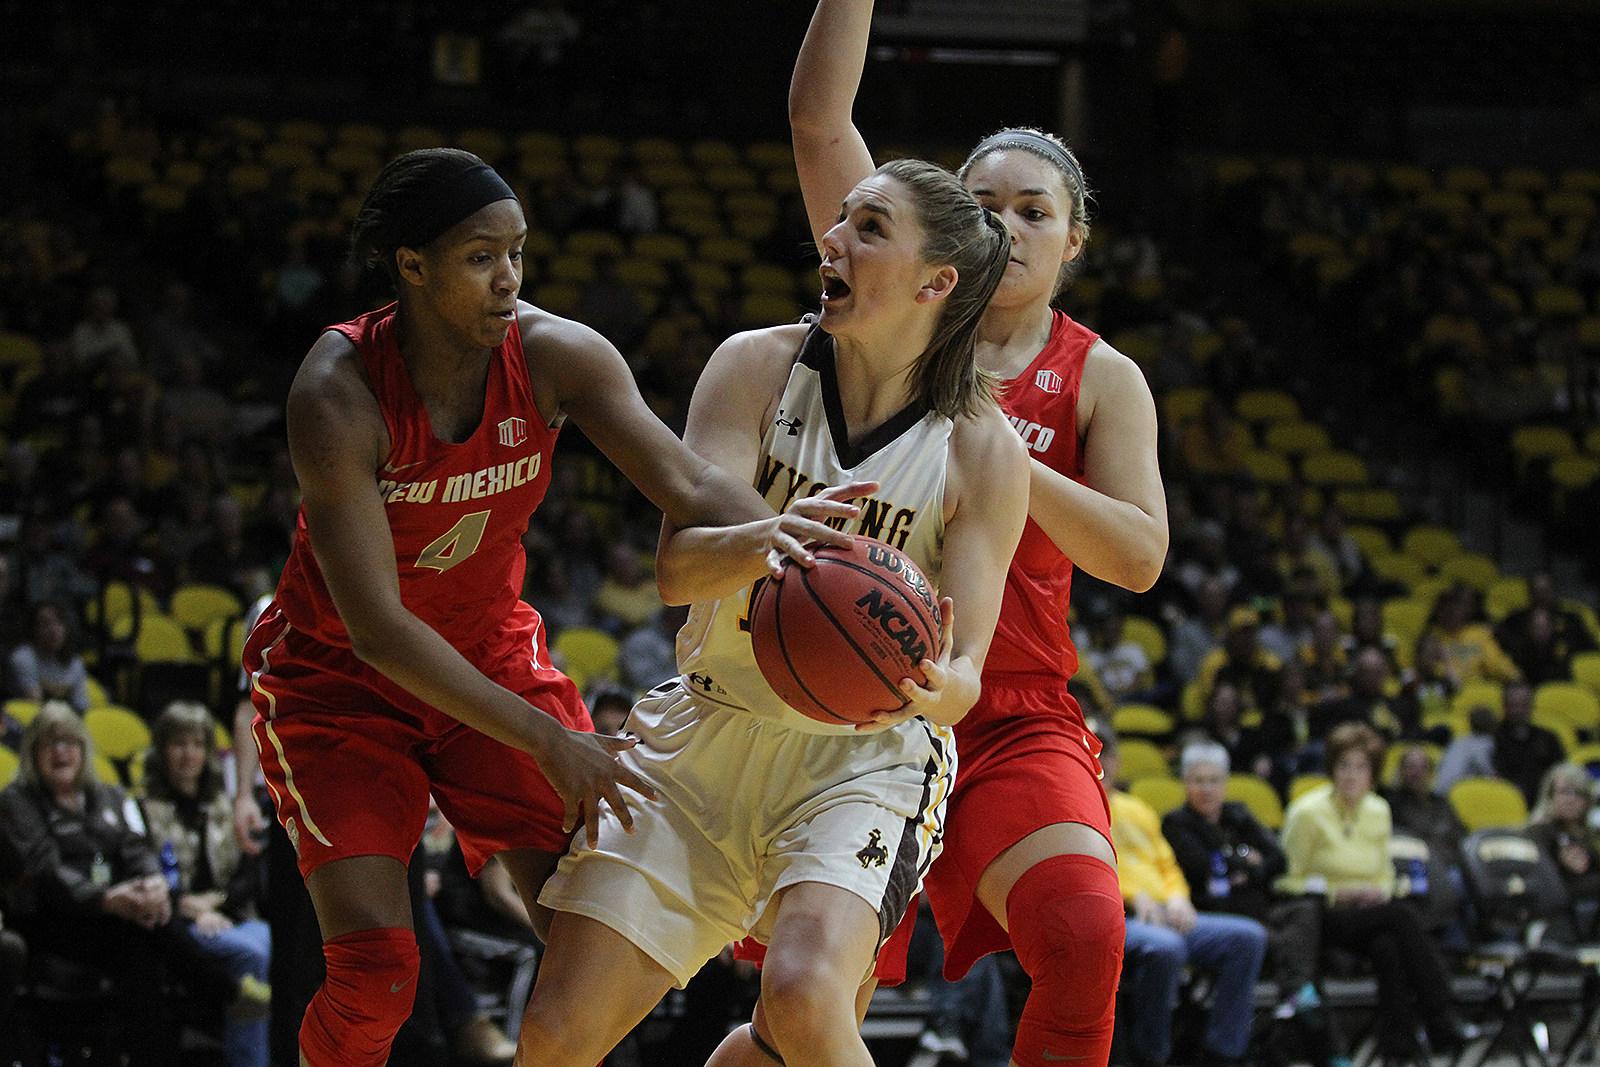 Natalie Baker battles UNM 17